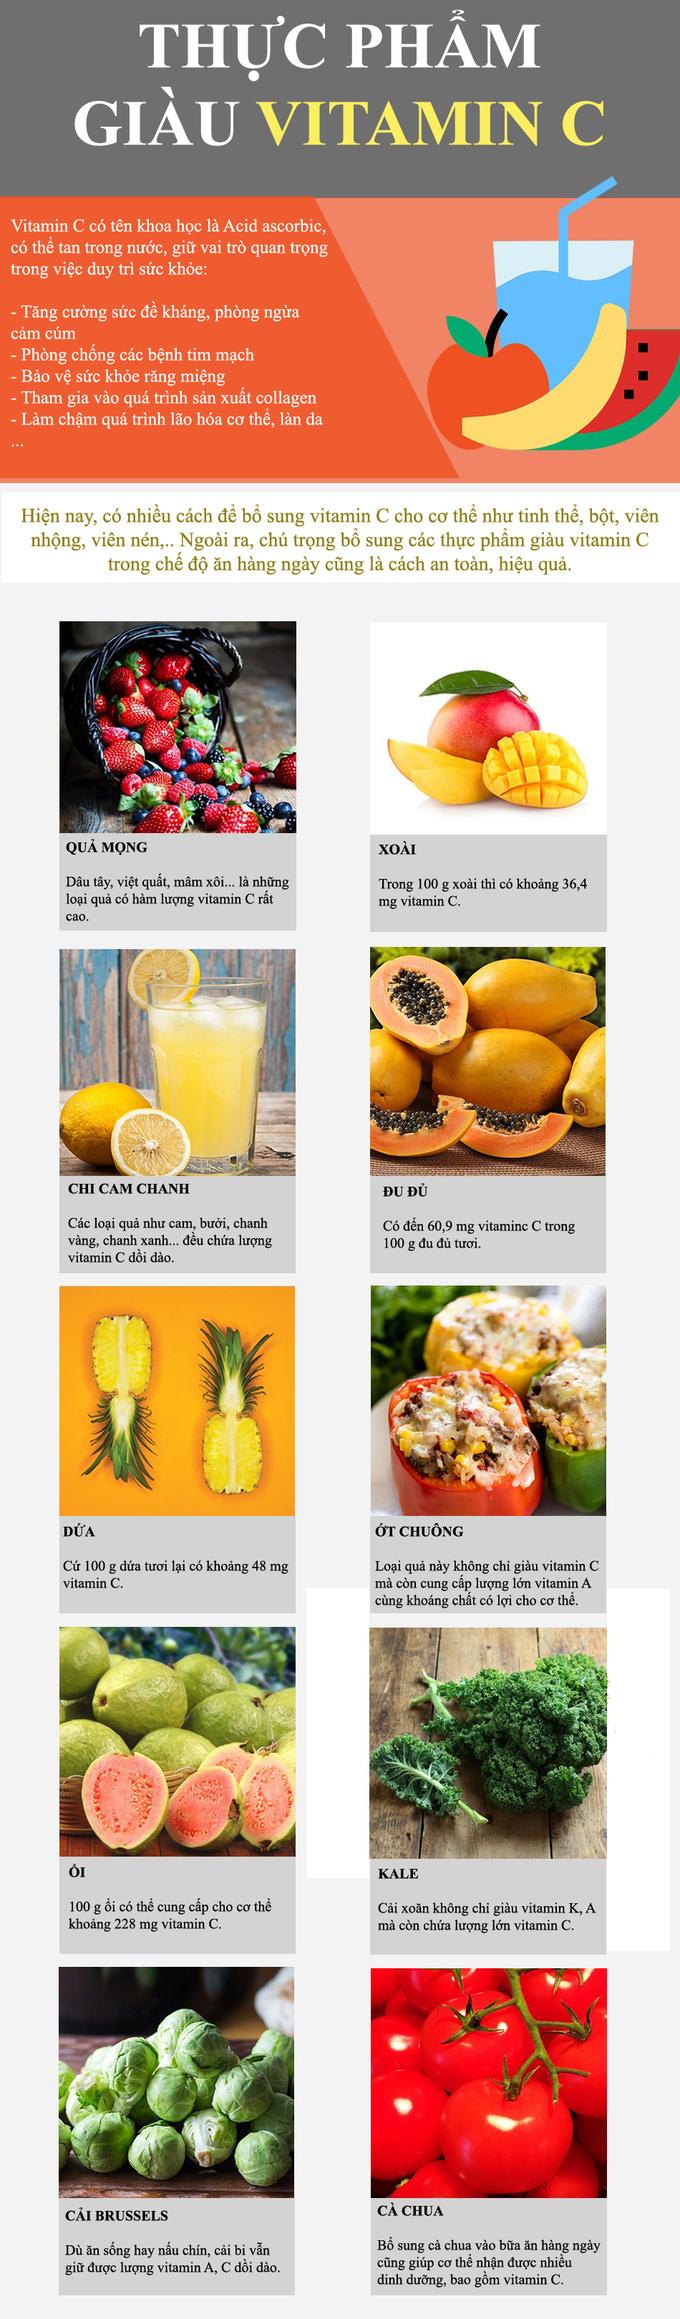 9.10 thực phẩm giàu vitamin C tăng sức đề kháng